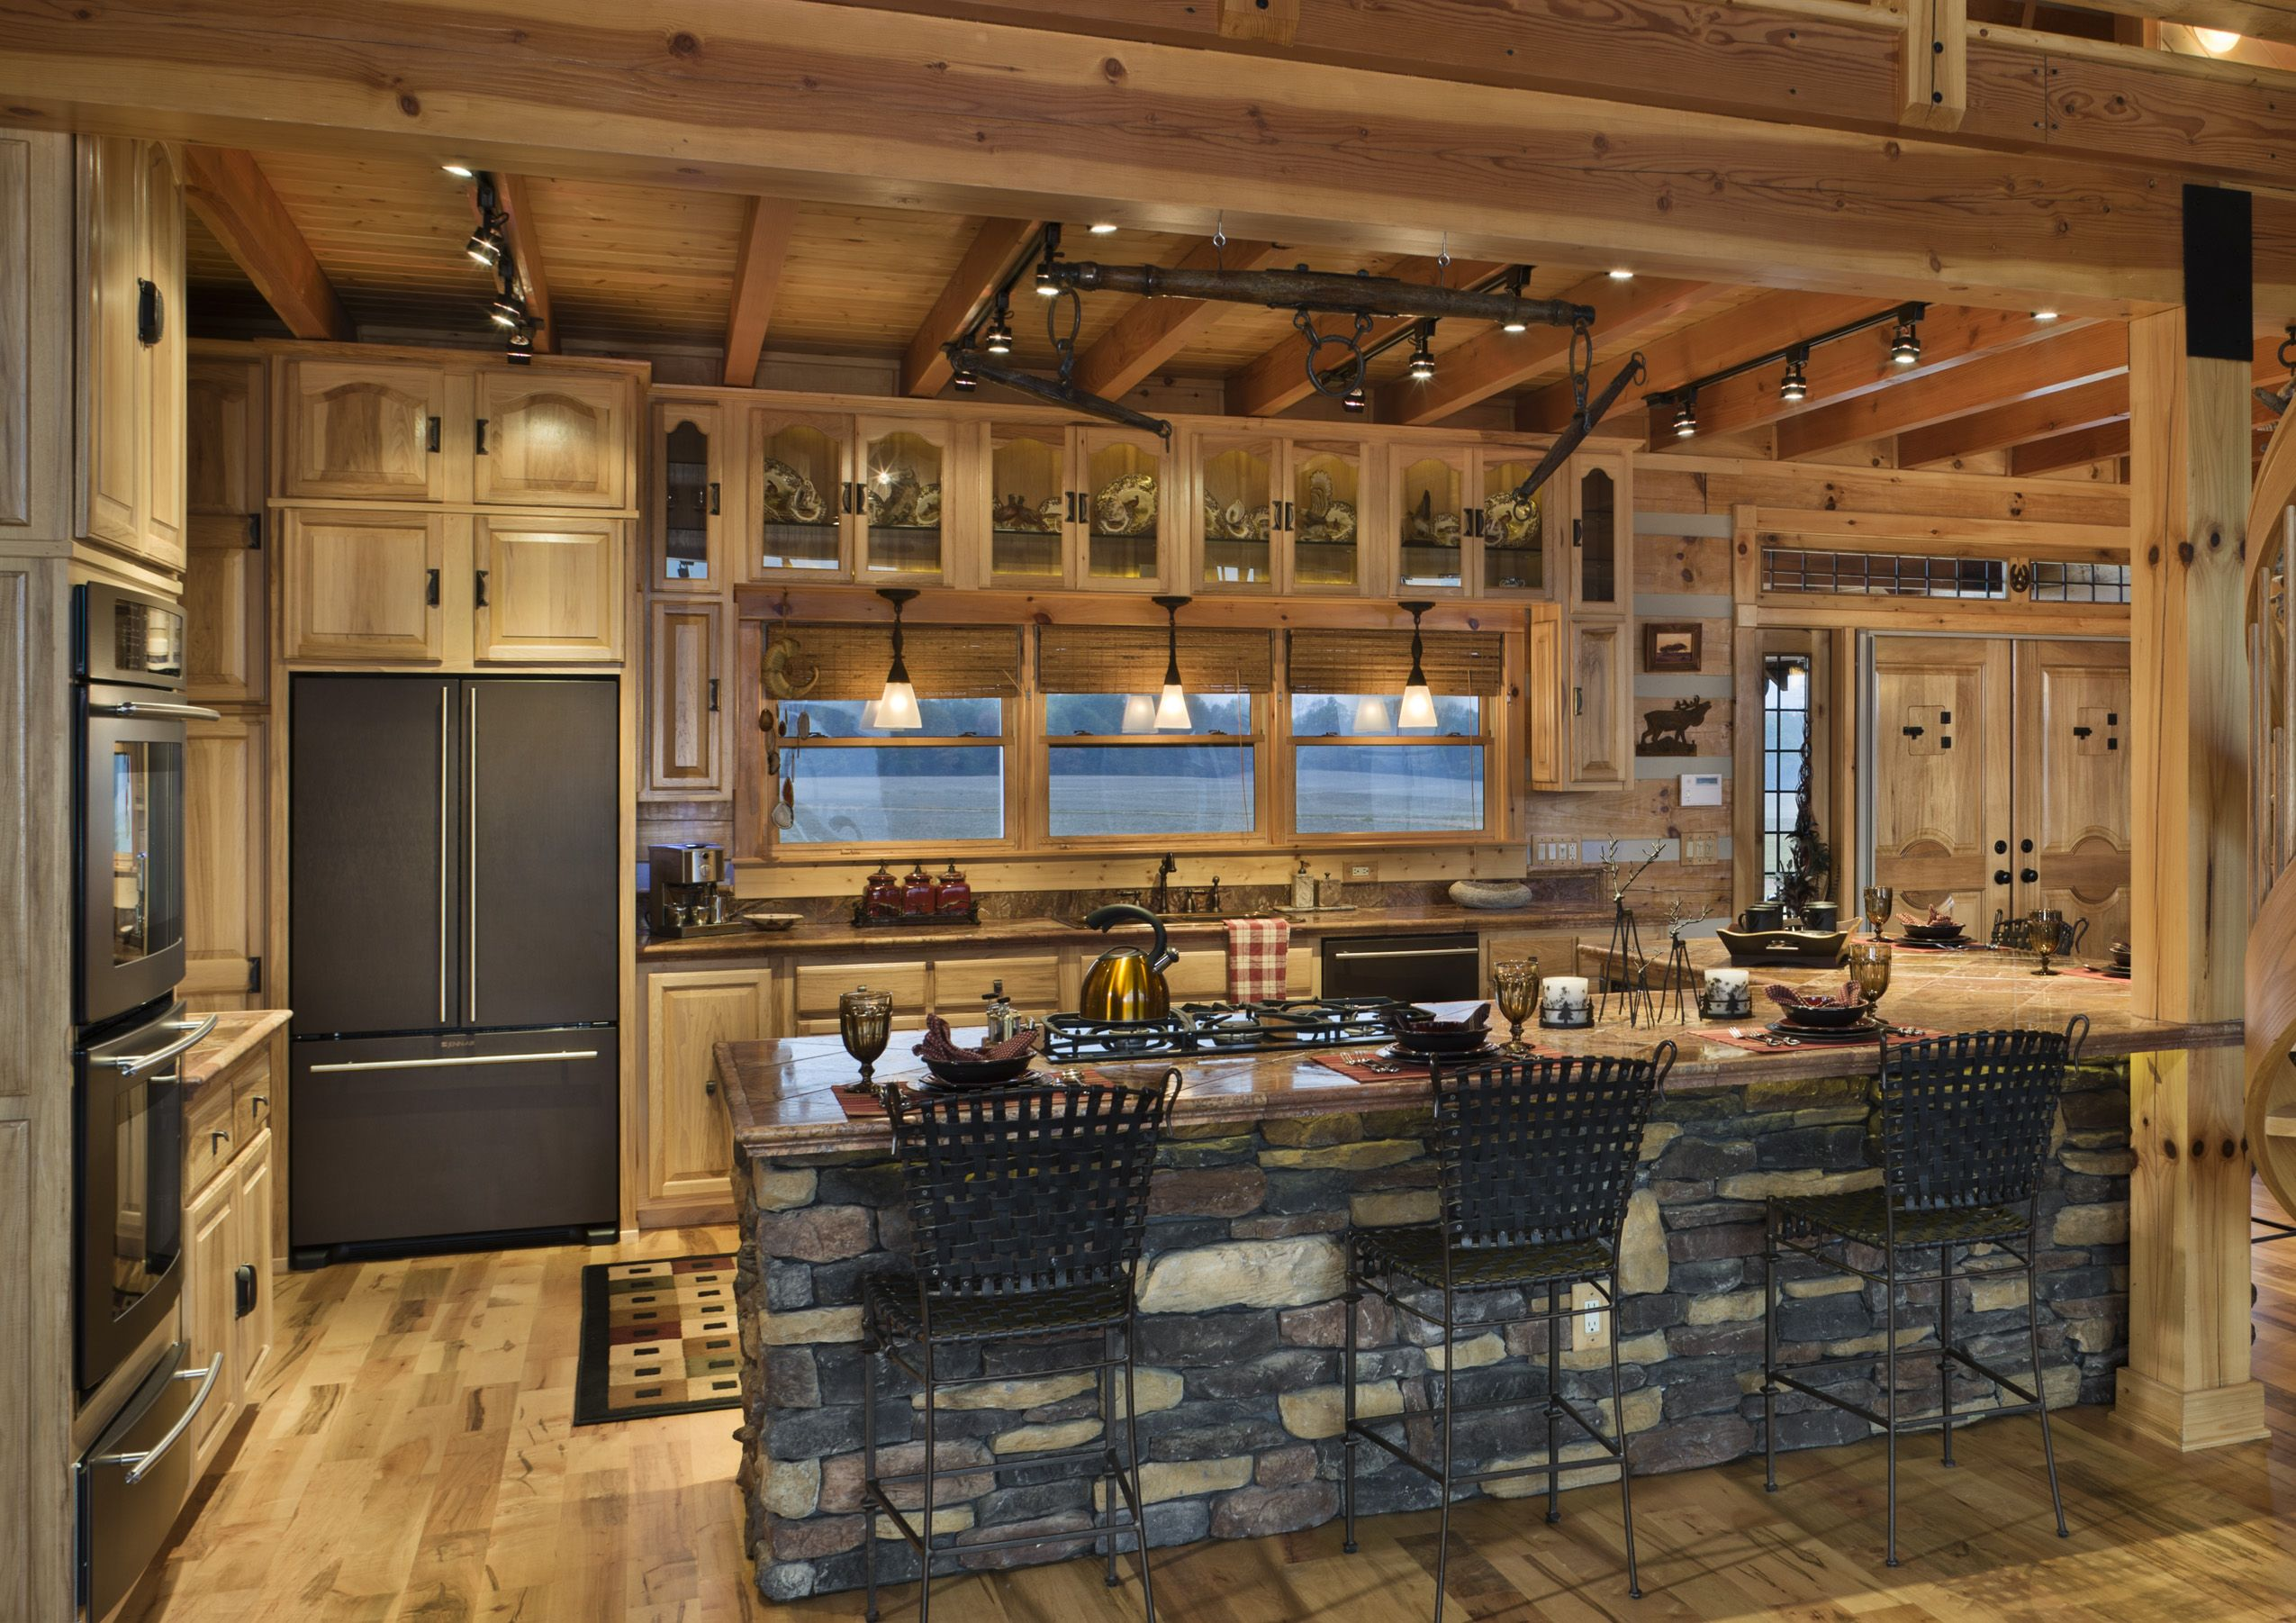 über küchenschrank ideen zu dekorieren rommé rustikale küche ideen geräte und dekoration werden in der